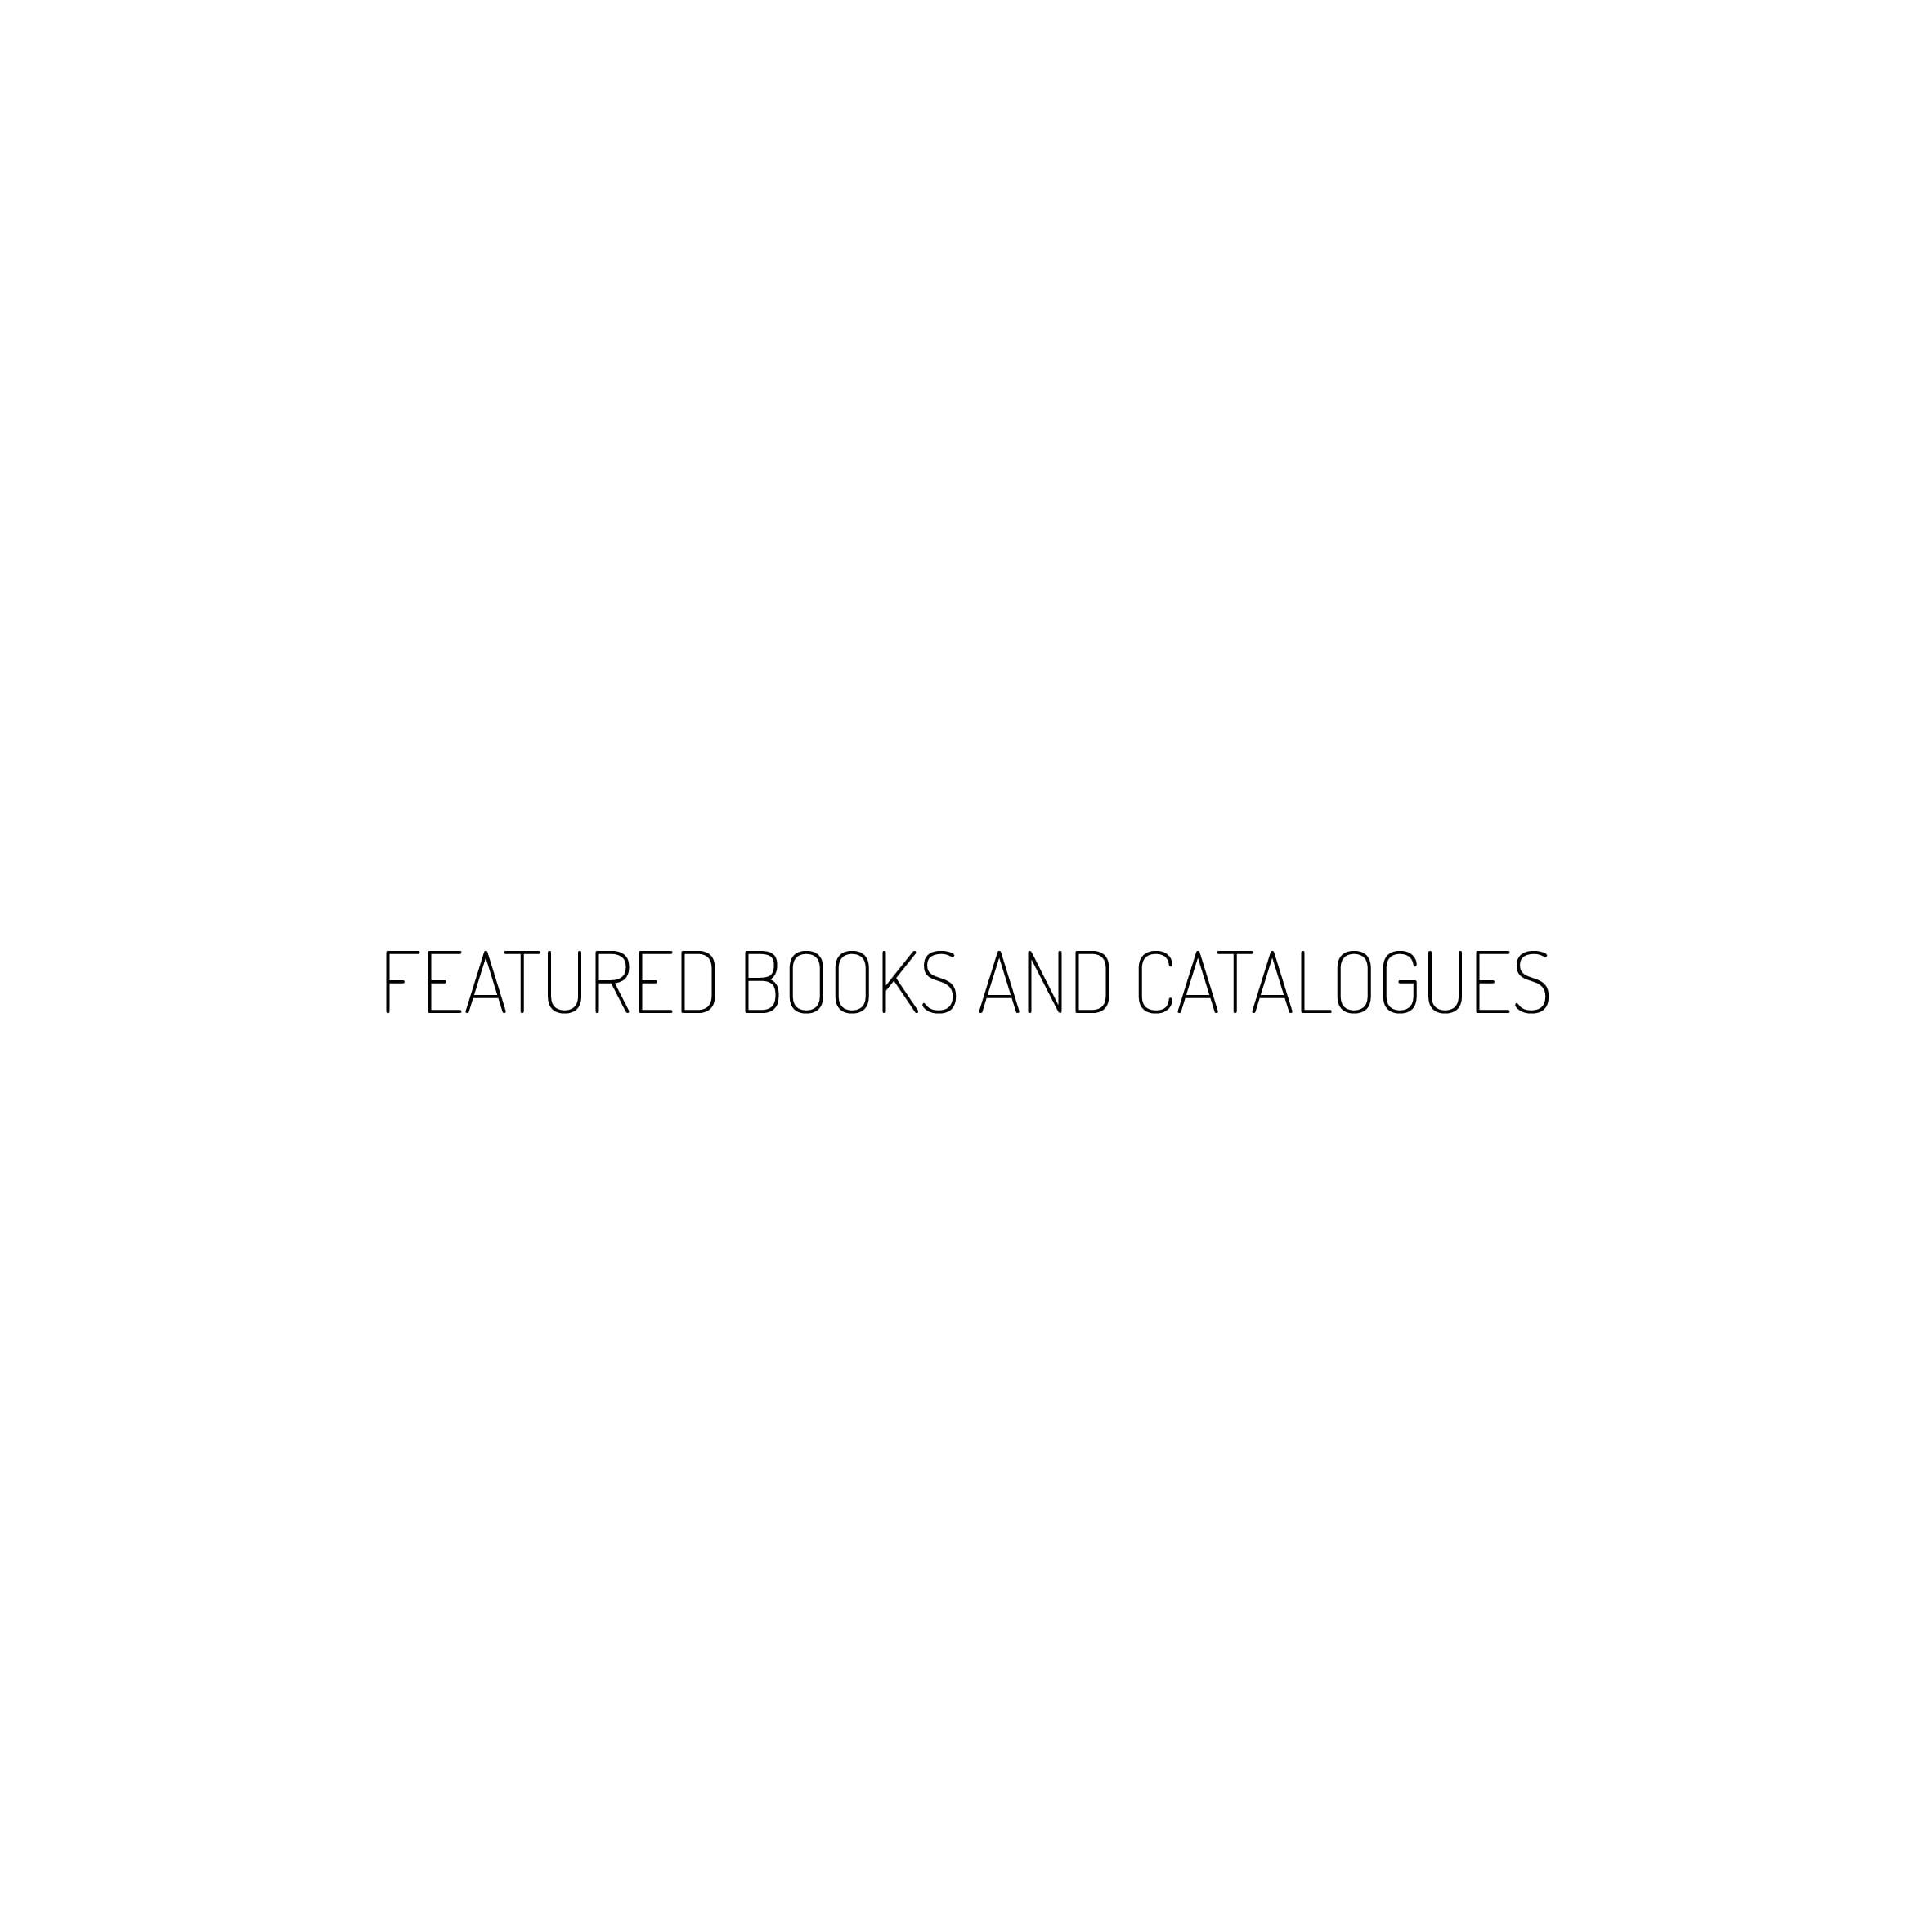 Separadores sección Publications-03